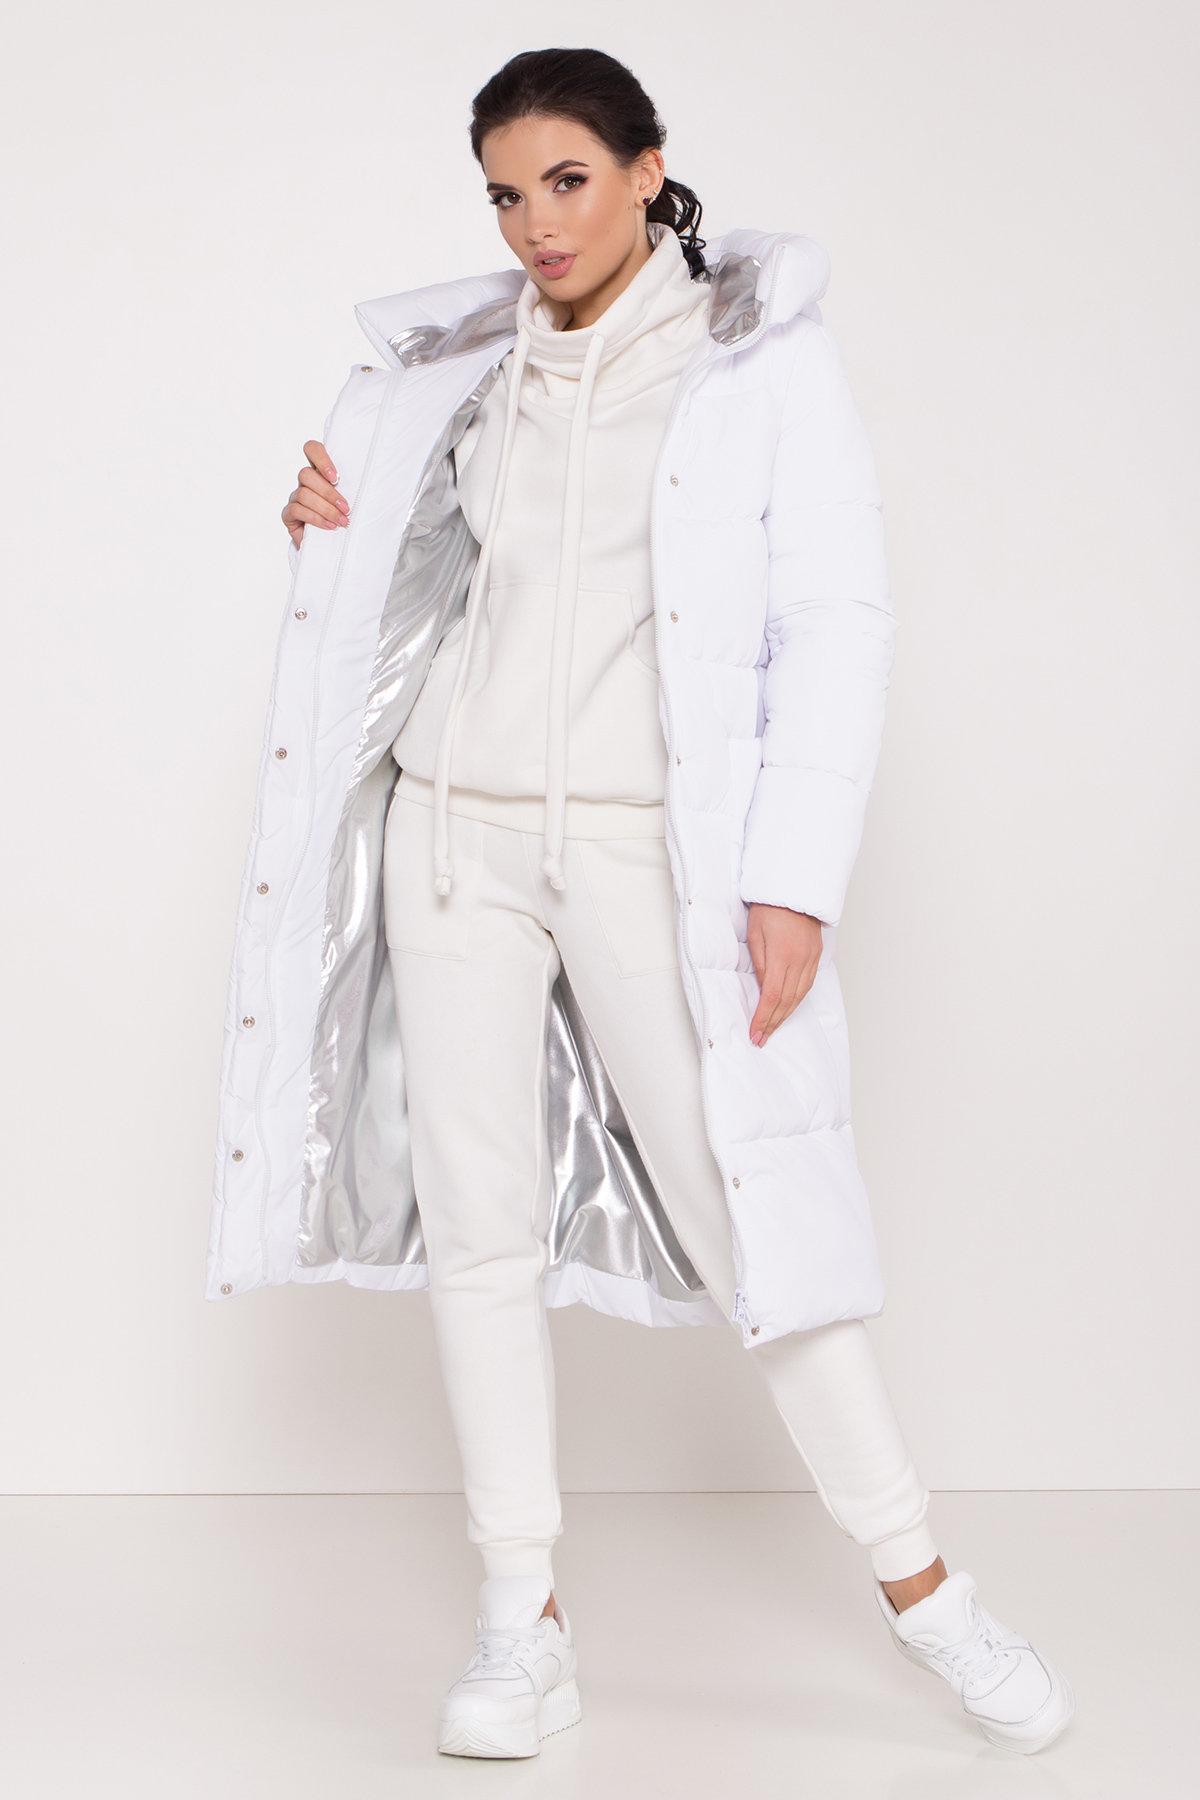 Стильный трикотажный костюм женский Фира 8590 АРТ. 44901 Цвет: Молоко - фото 5, интернет магазин tm-modus.ru